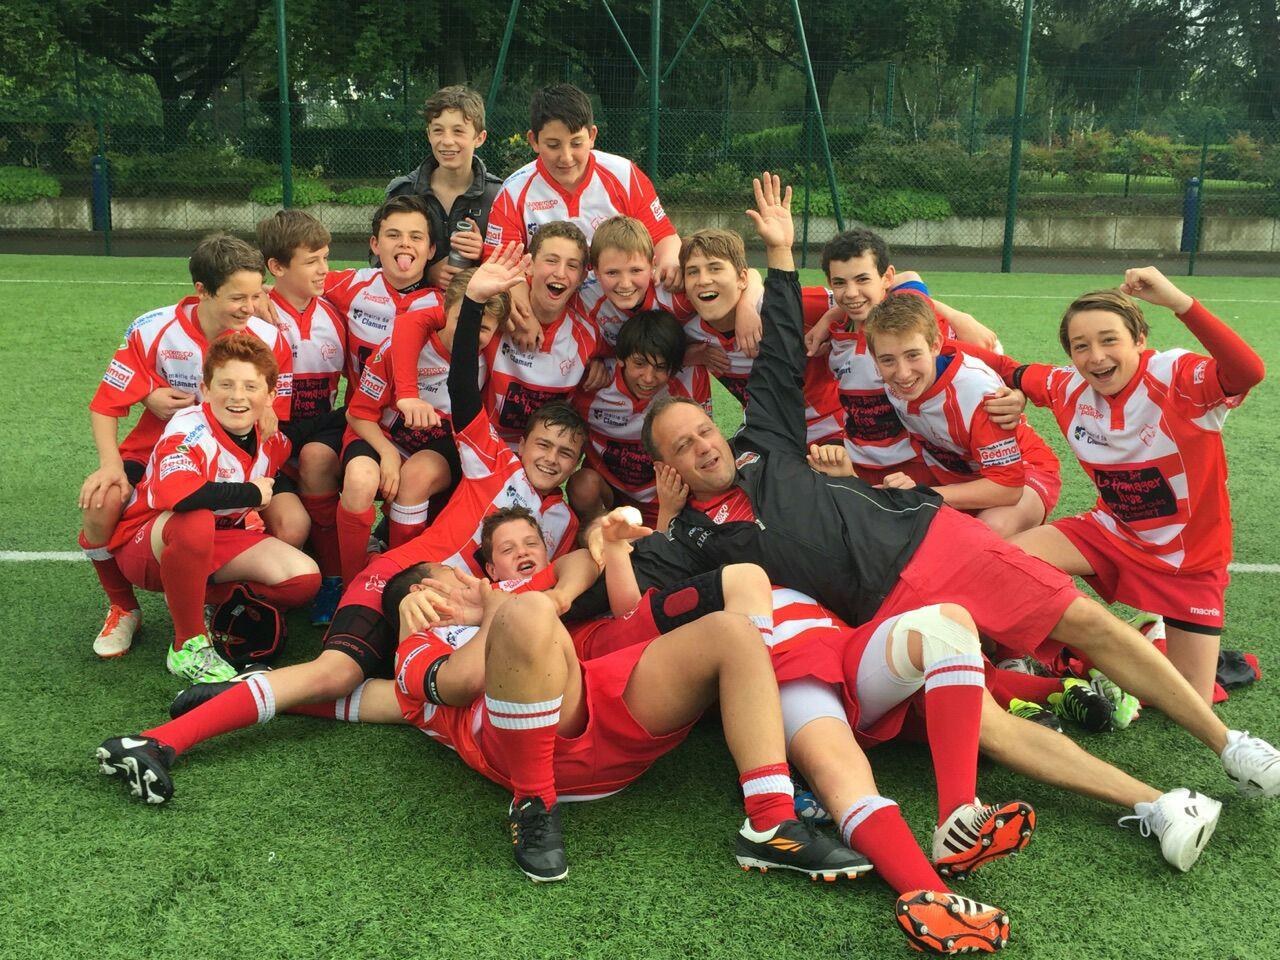 Les U14 en finale - clamart rugby 92